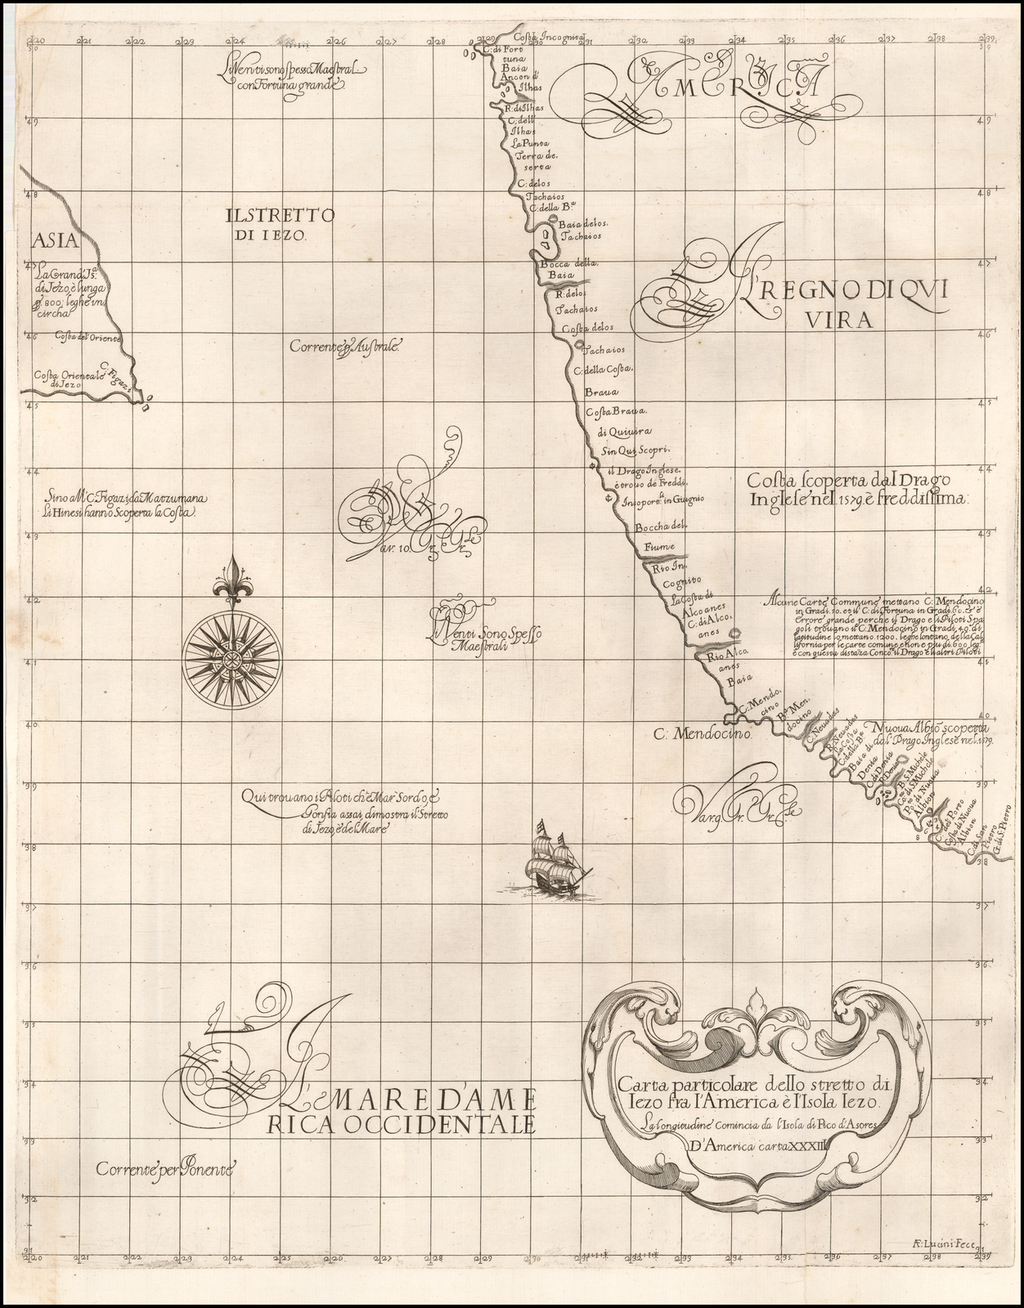 Carta particolare dello stretto di Iezo fra l'America e I'Isola Iezo  . . . D'America Carta XXXIII By Robert Dudley